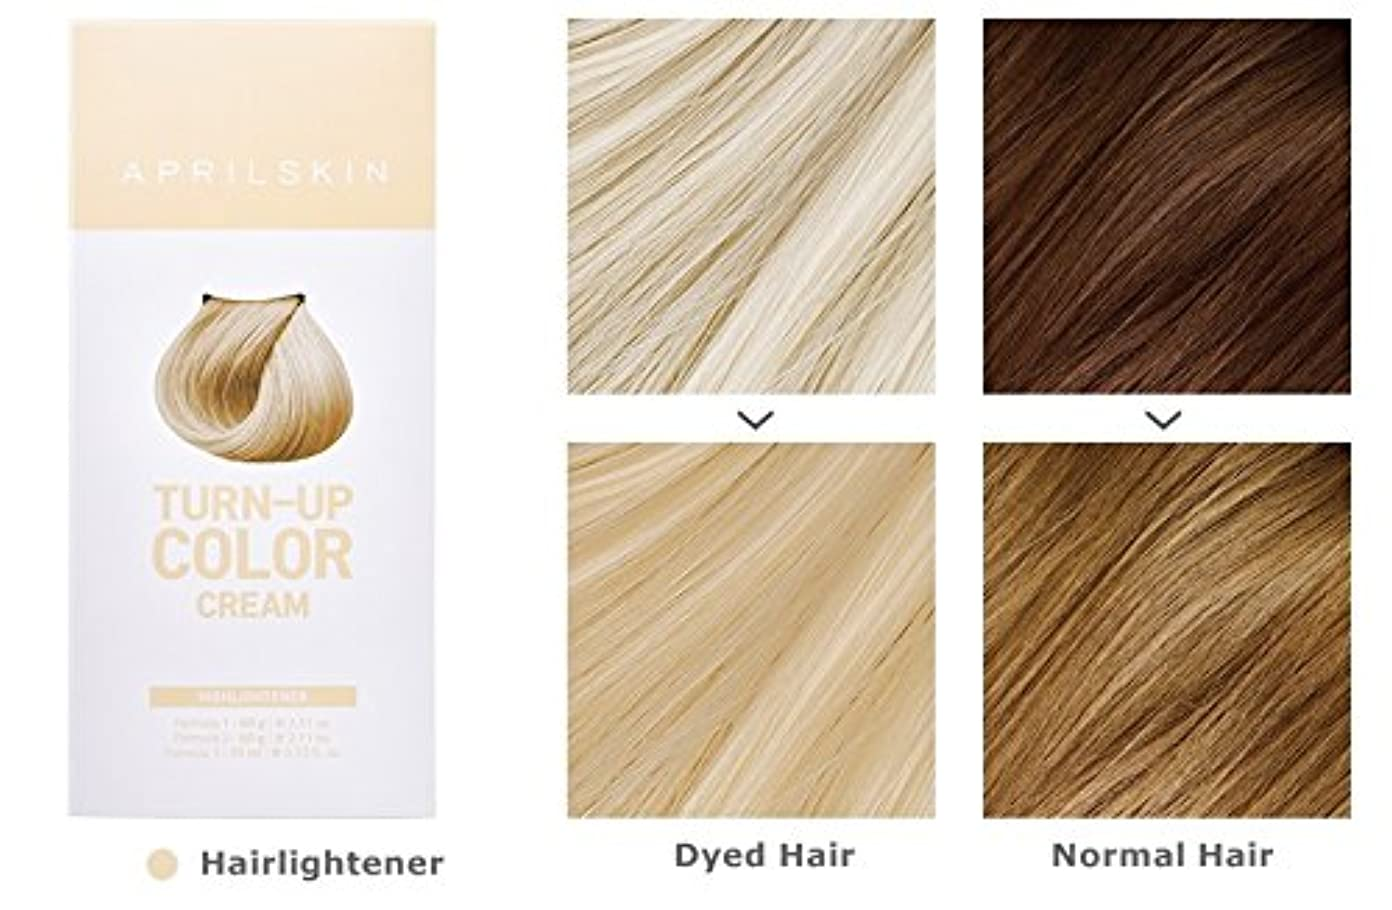 熱心な波雰囲気April Skin Turn Up Color Cream Long lasting Texture Type Hair Dye エイプリルスキン ターンアップカラークリーム長持ちテクスチャタイプヘアダイ (紅)